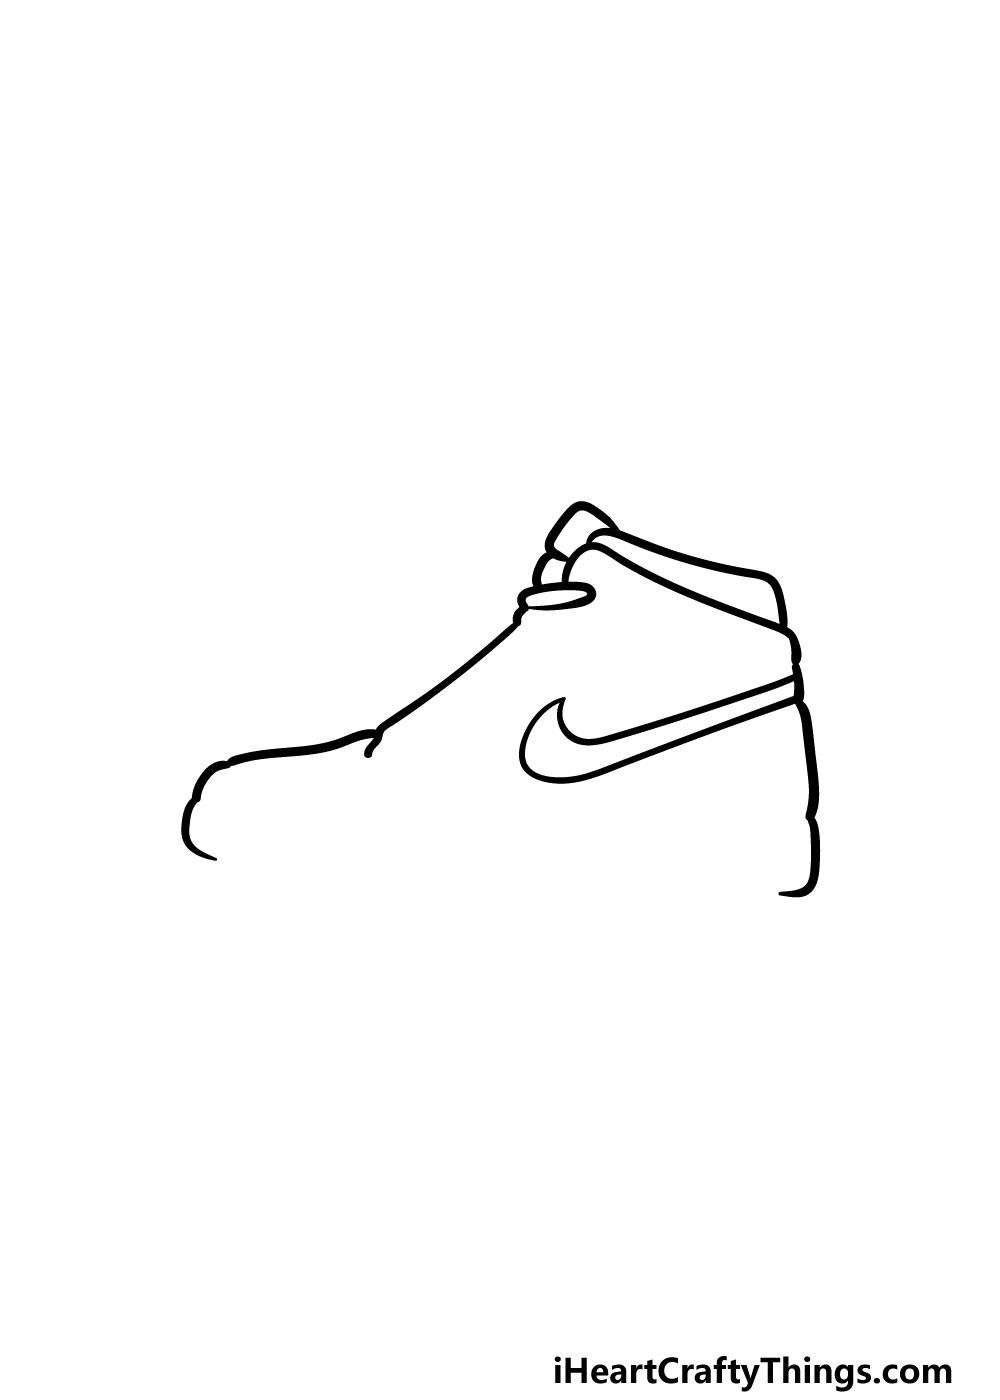 drawing air jordan shoes step 3